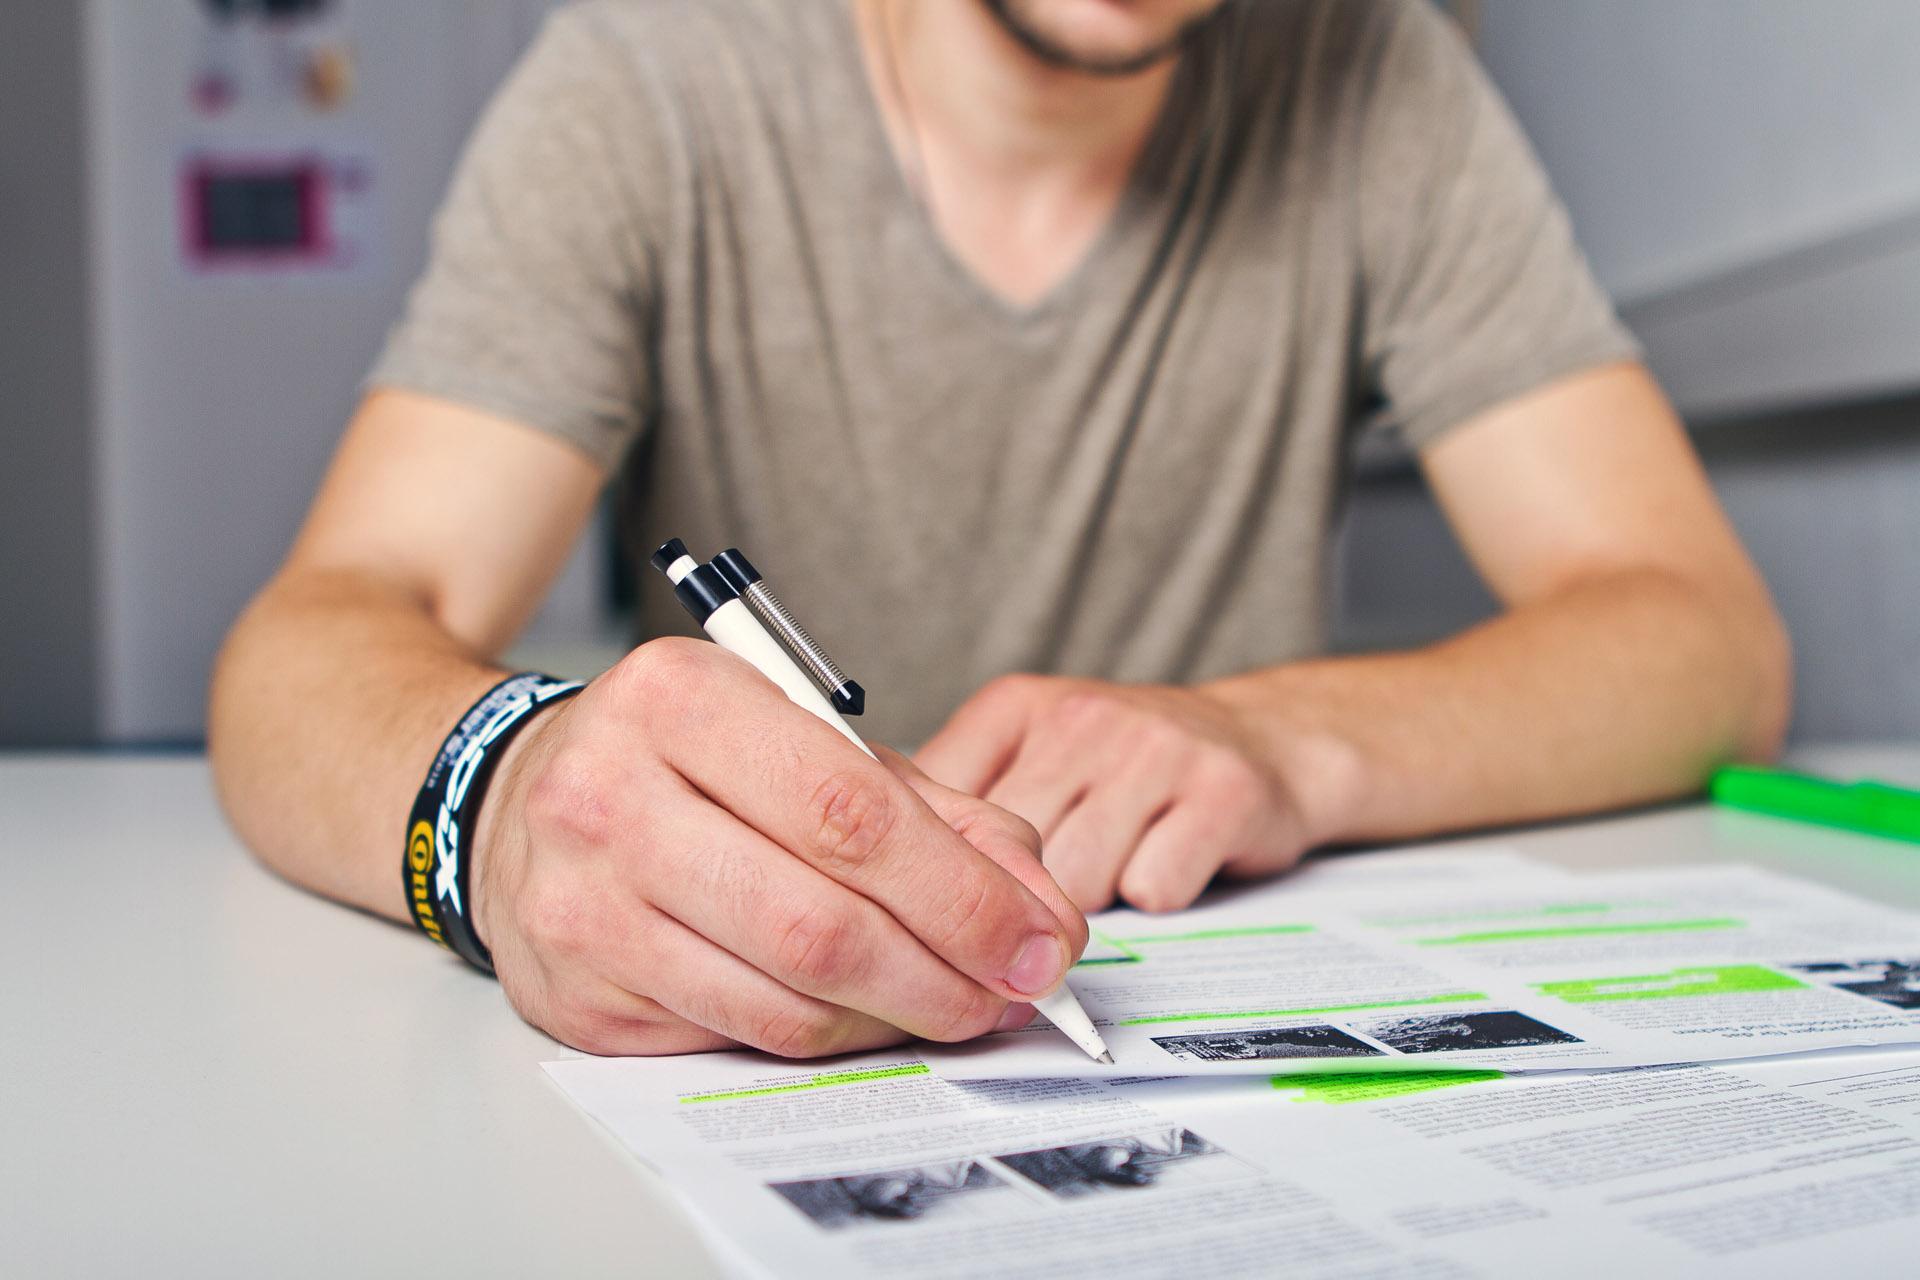 bildungsg nge die zum hauptschulabschluss nach klasse 10 f hren berufskolleg berliner platz. Black Bedroom Furniture Sets. Home Design Ideas